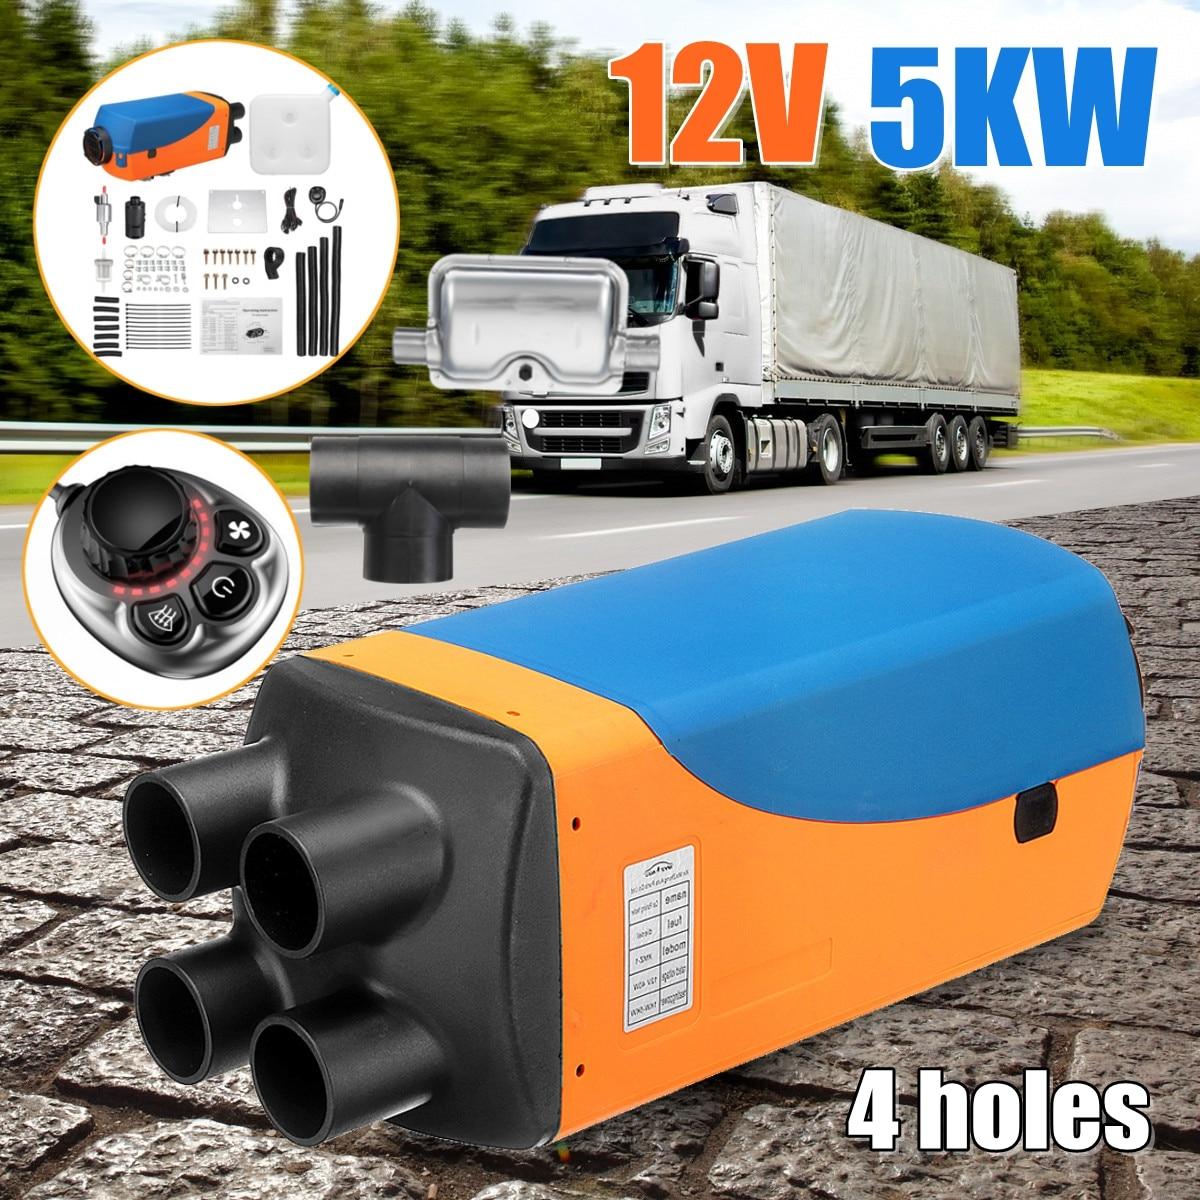 Nuovo 5KW 12 v Diesel Aria Dell'automobile di Parcheggio Riscaldatore del Serbatoio 4 fori 2 xVent Condotto Termostato Caravan Camper Interruttore della Manopola riscaldatore Con Silenziatore